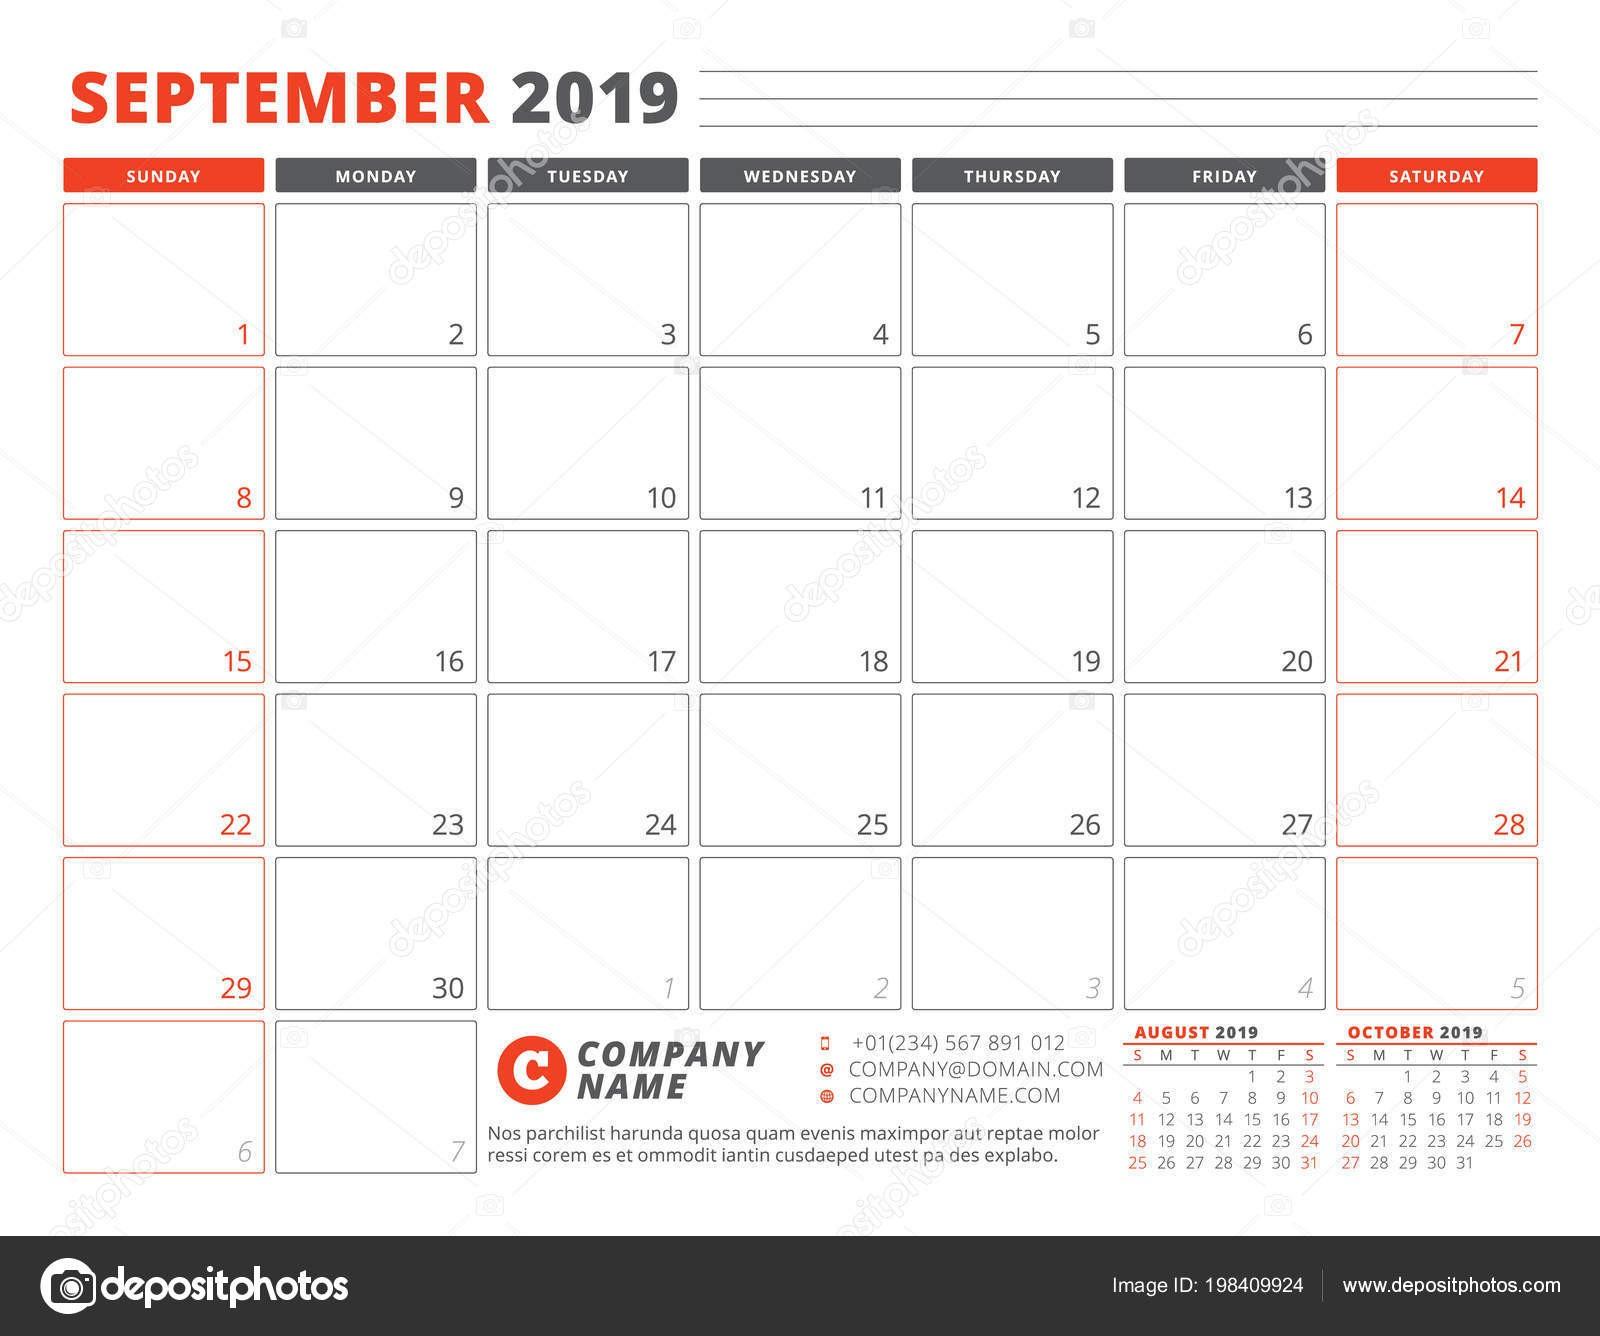 Calendario Septiembre 2019 Mexico Para Imprimir Actual Plantilla Calendario Para Septiembre 2019 Plantilla Planificador Of Calendario Septiembre 2019 Mexico Para Imprimir Más Recientes Se Abren Las Postulaciones Para La Escuela De Sistemas Plejos